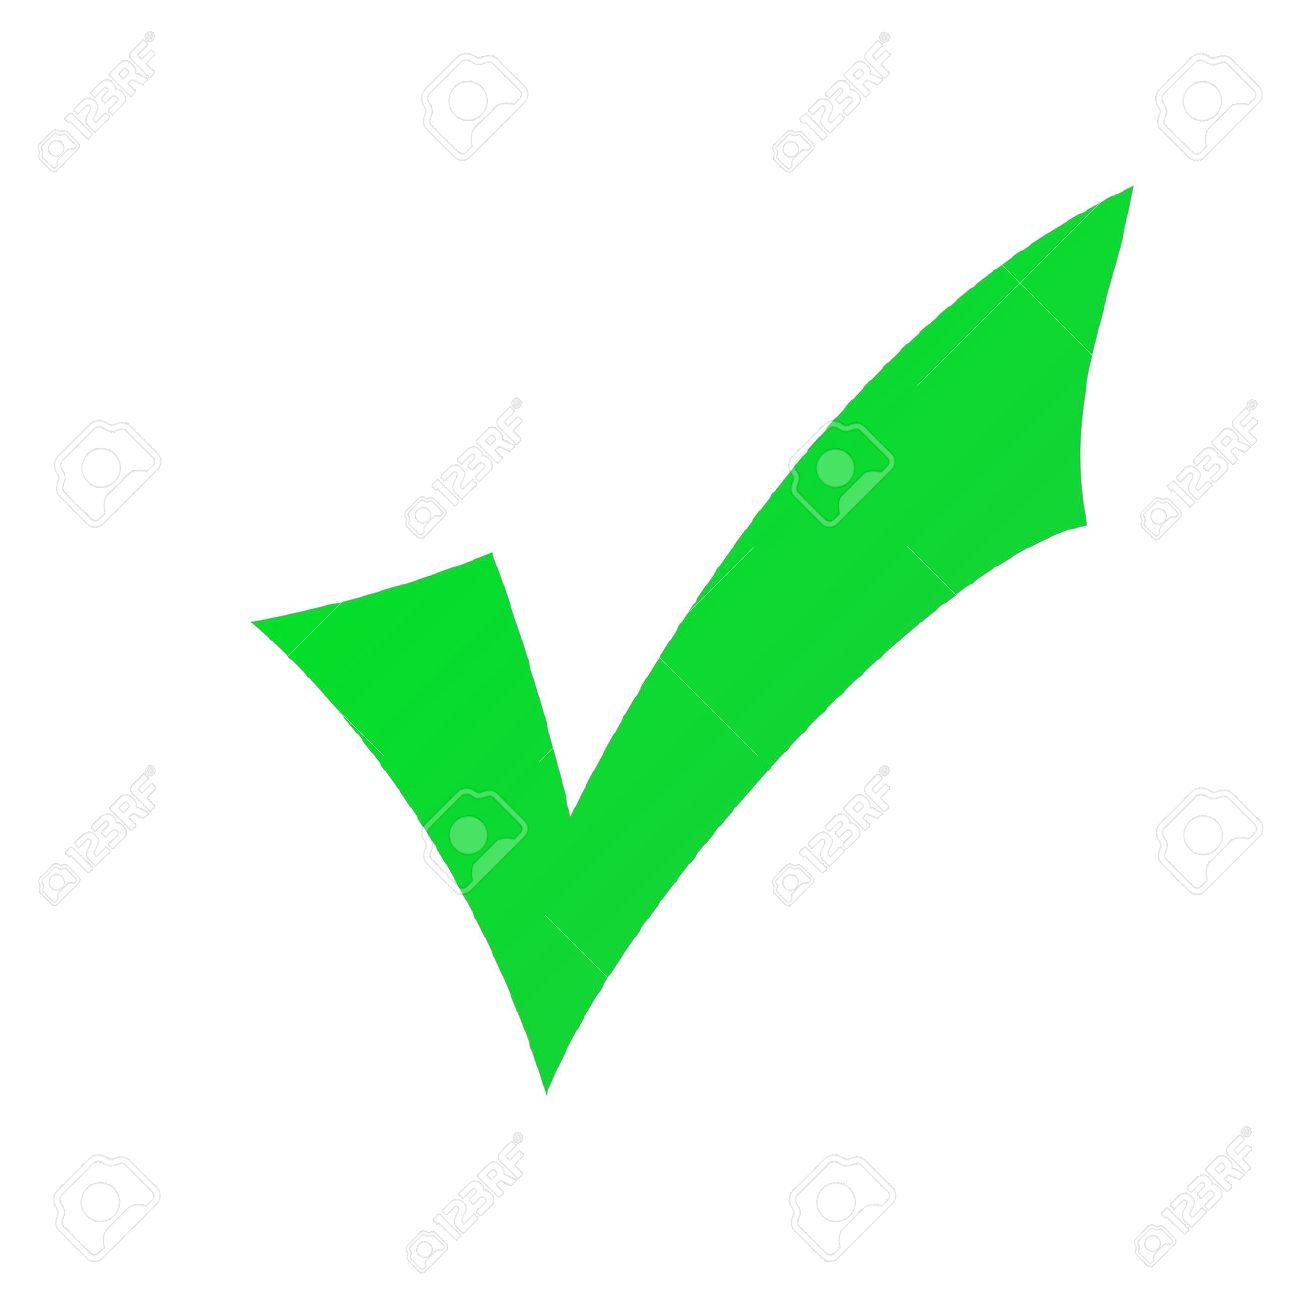 Green Check Mark Image.